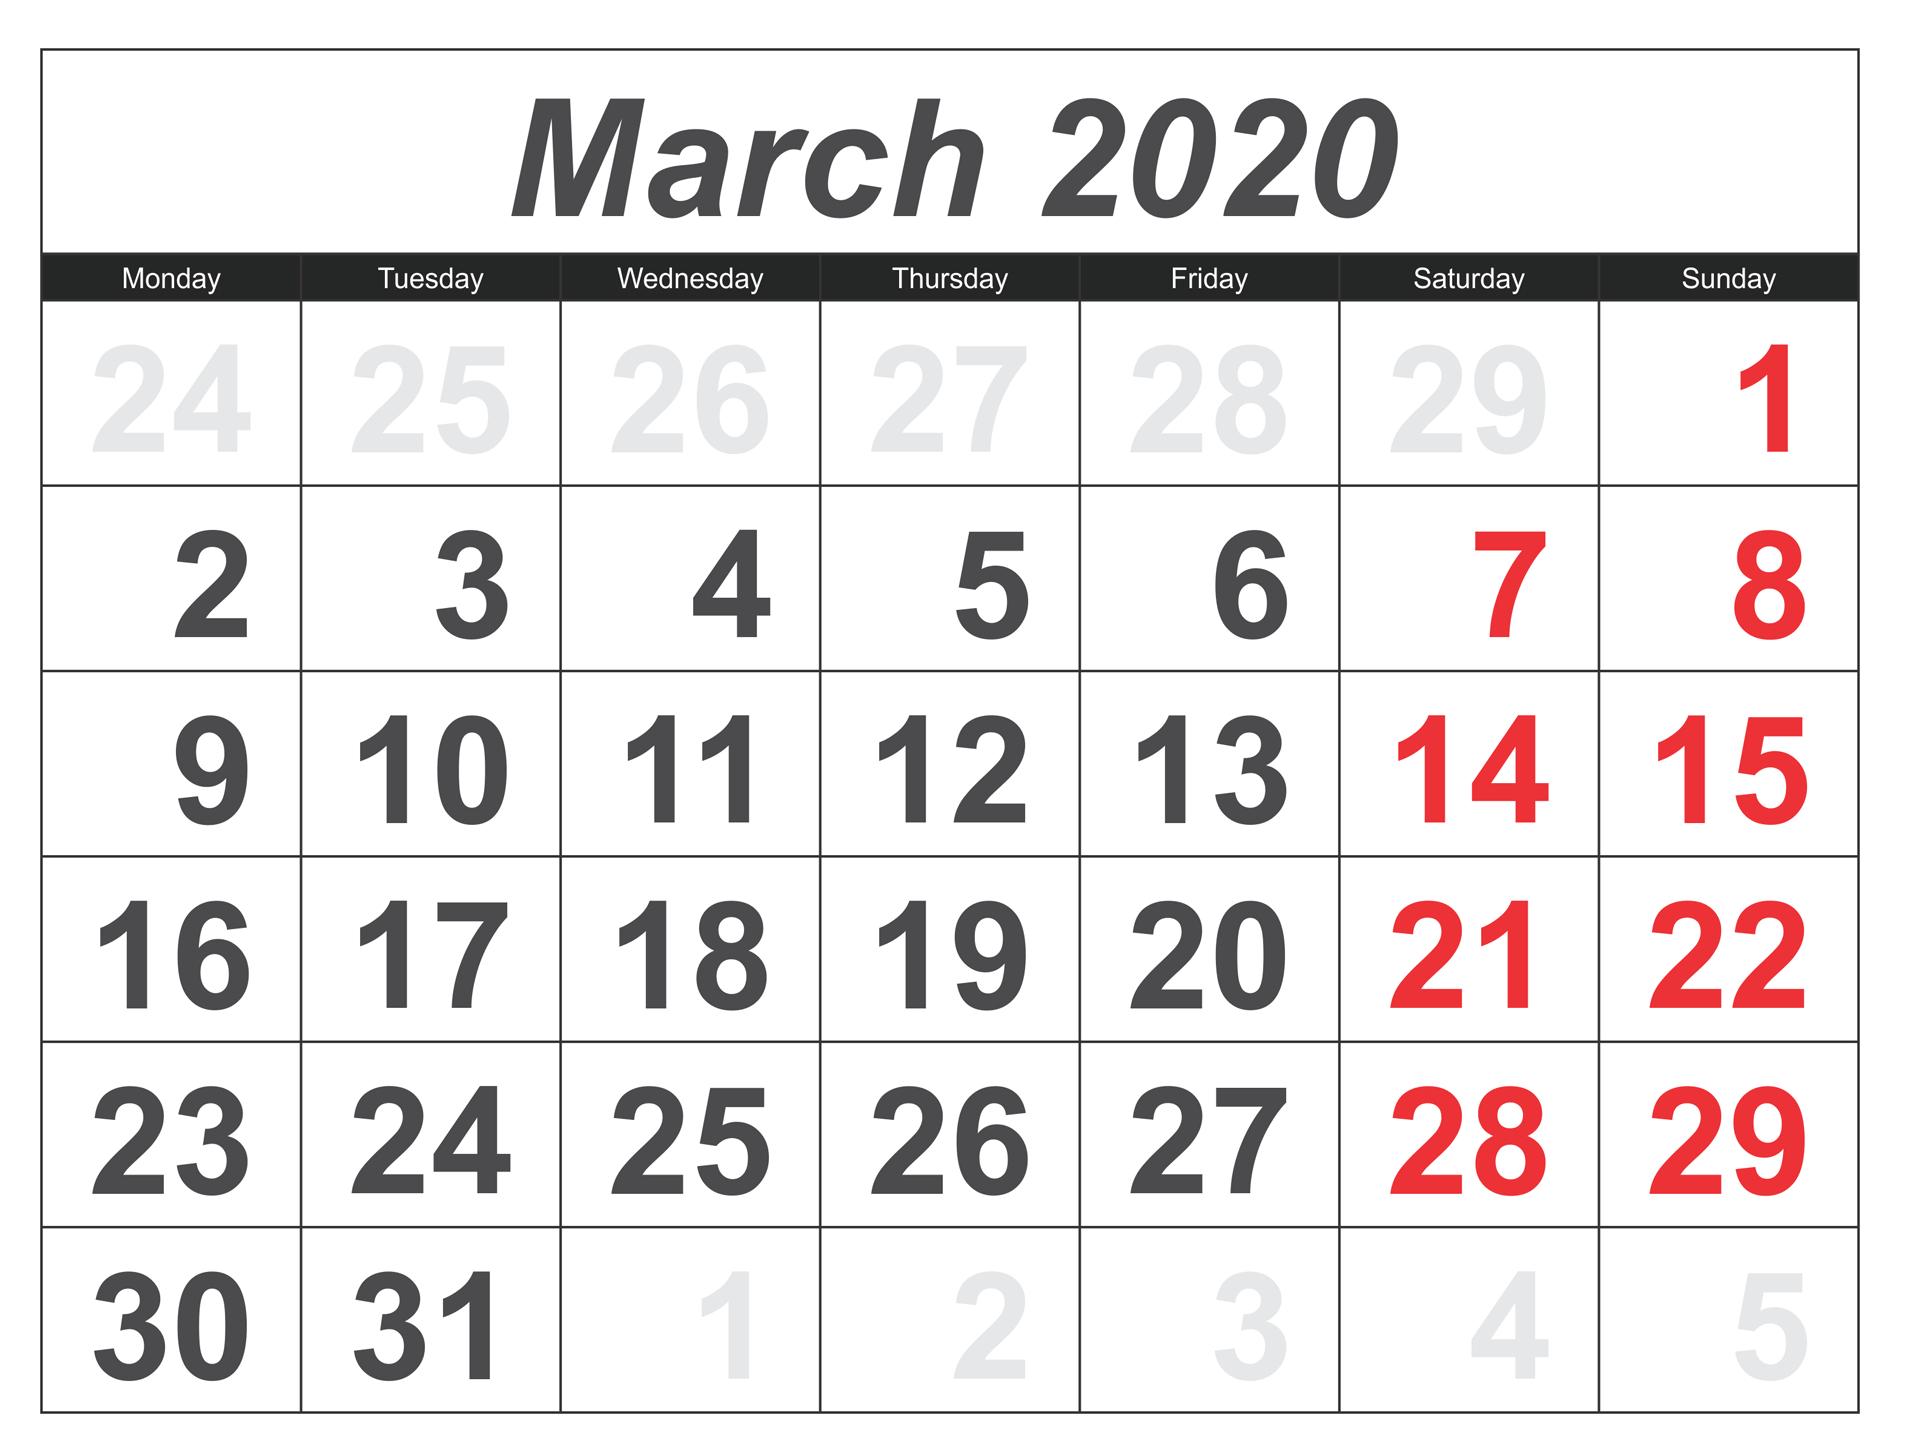 March 2020 Calendar Canada With Public Holidays - 2019